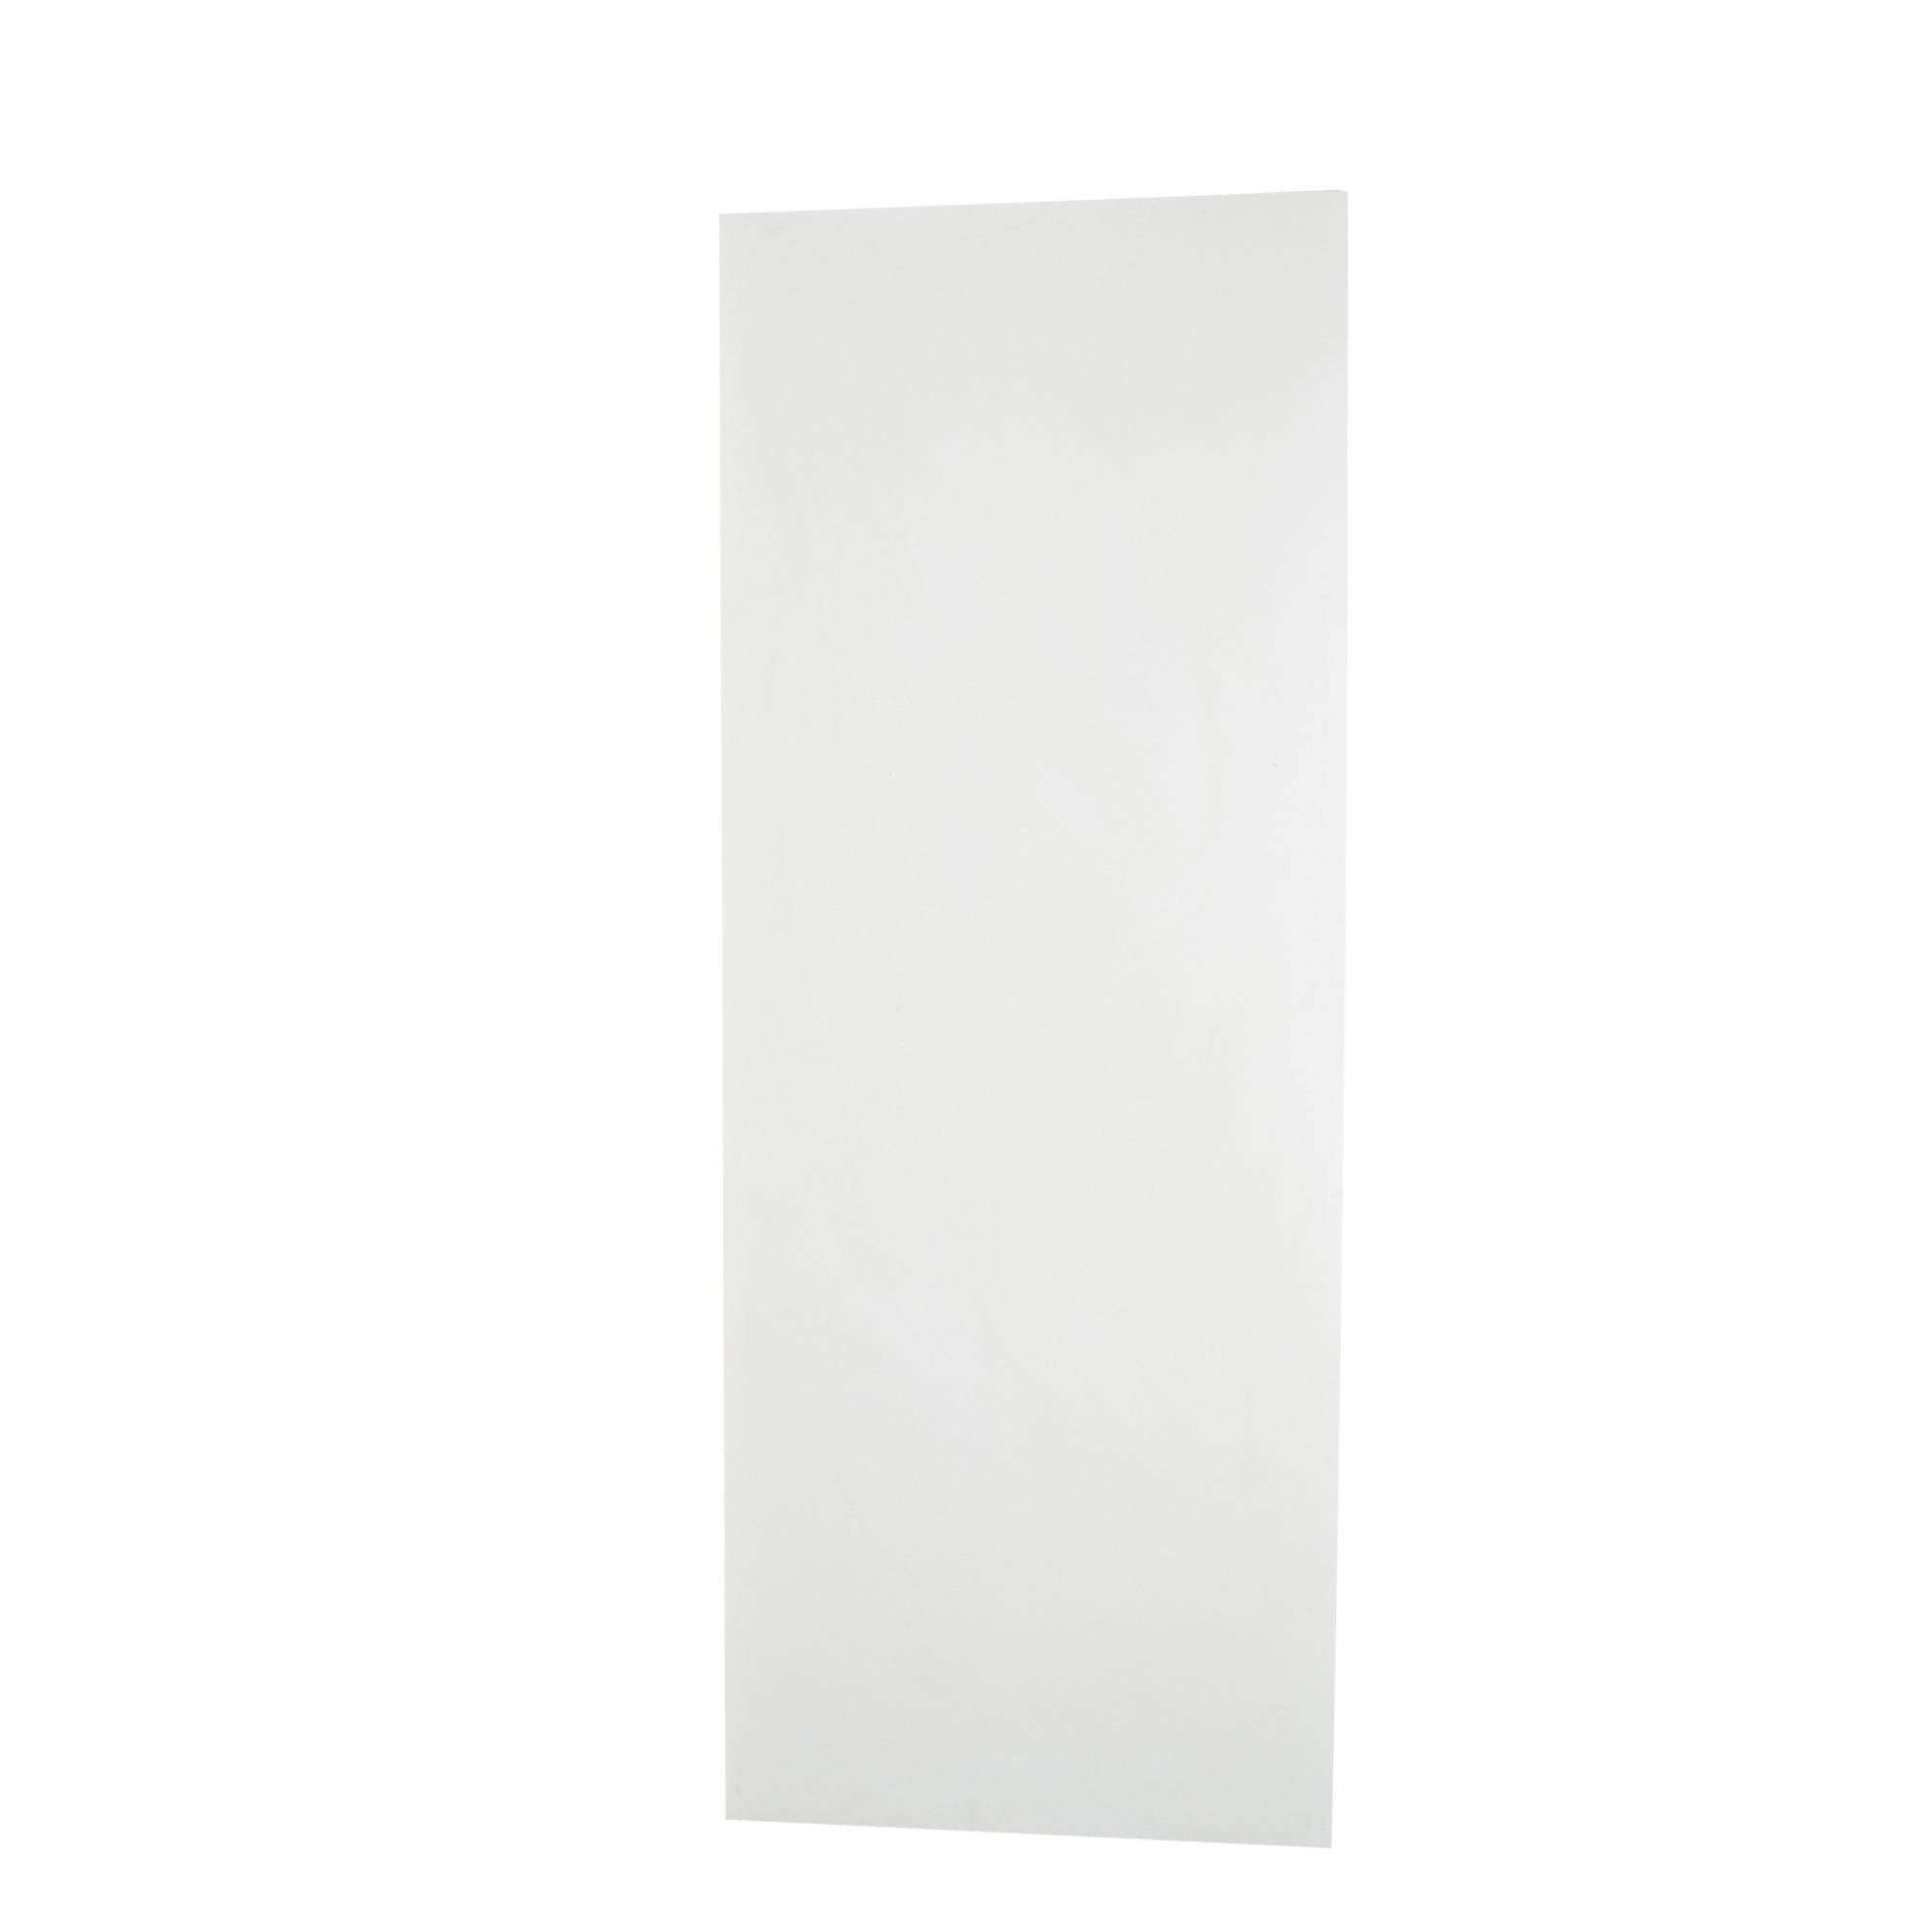 Porta de Madeira de Abrir Lisa Semissolido 90 x 210cm Pinus Branco - 529914 - Madelar